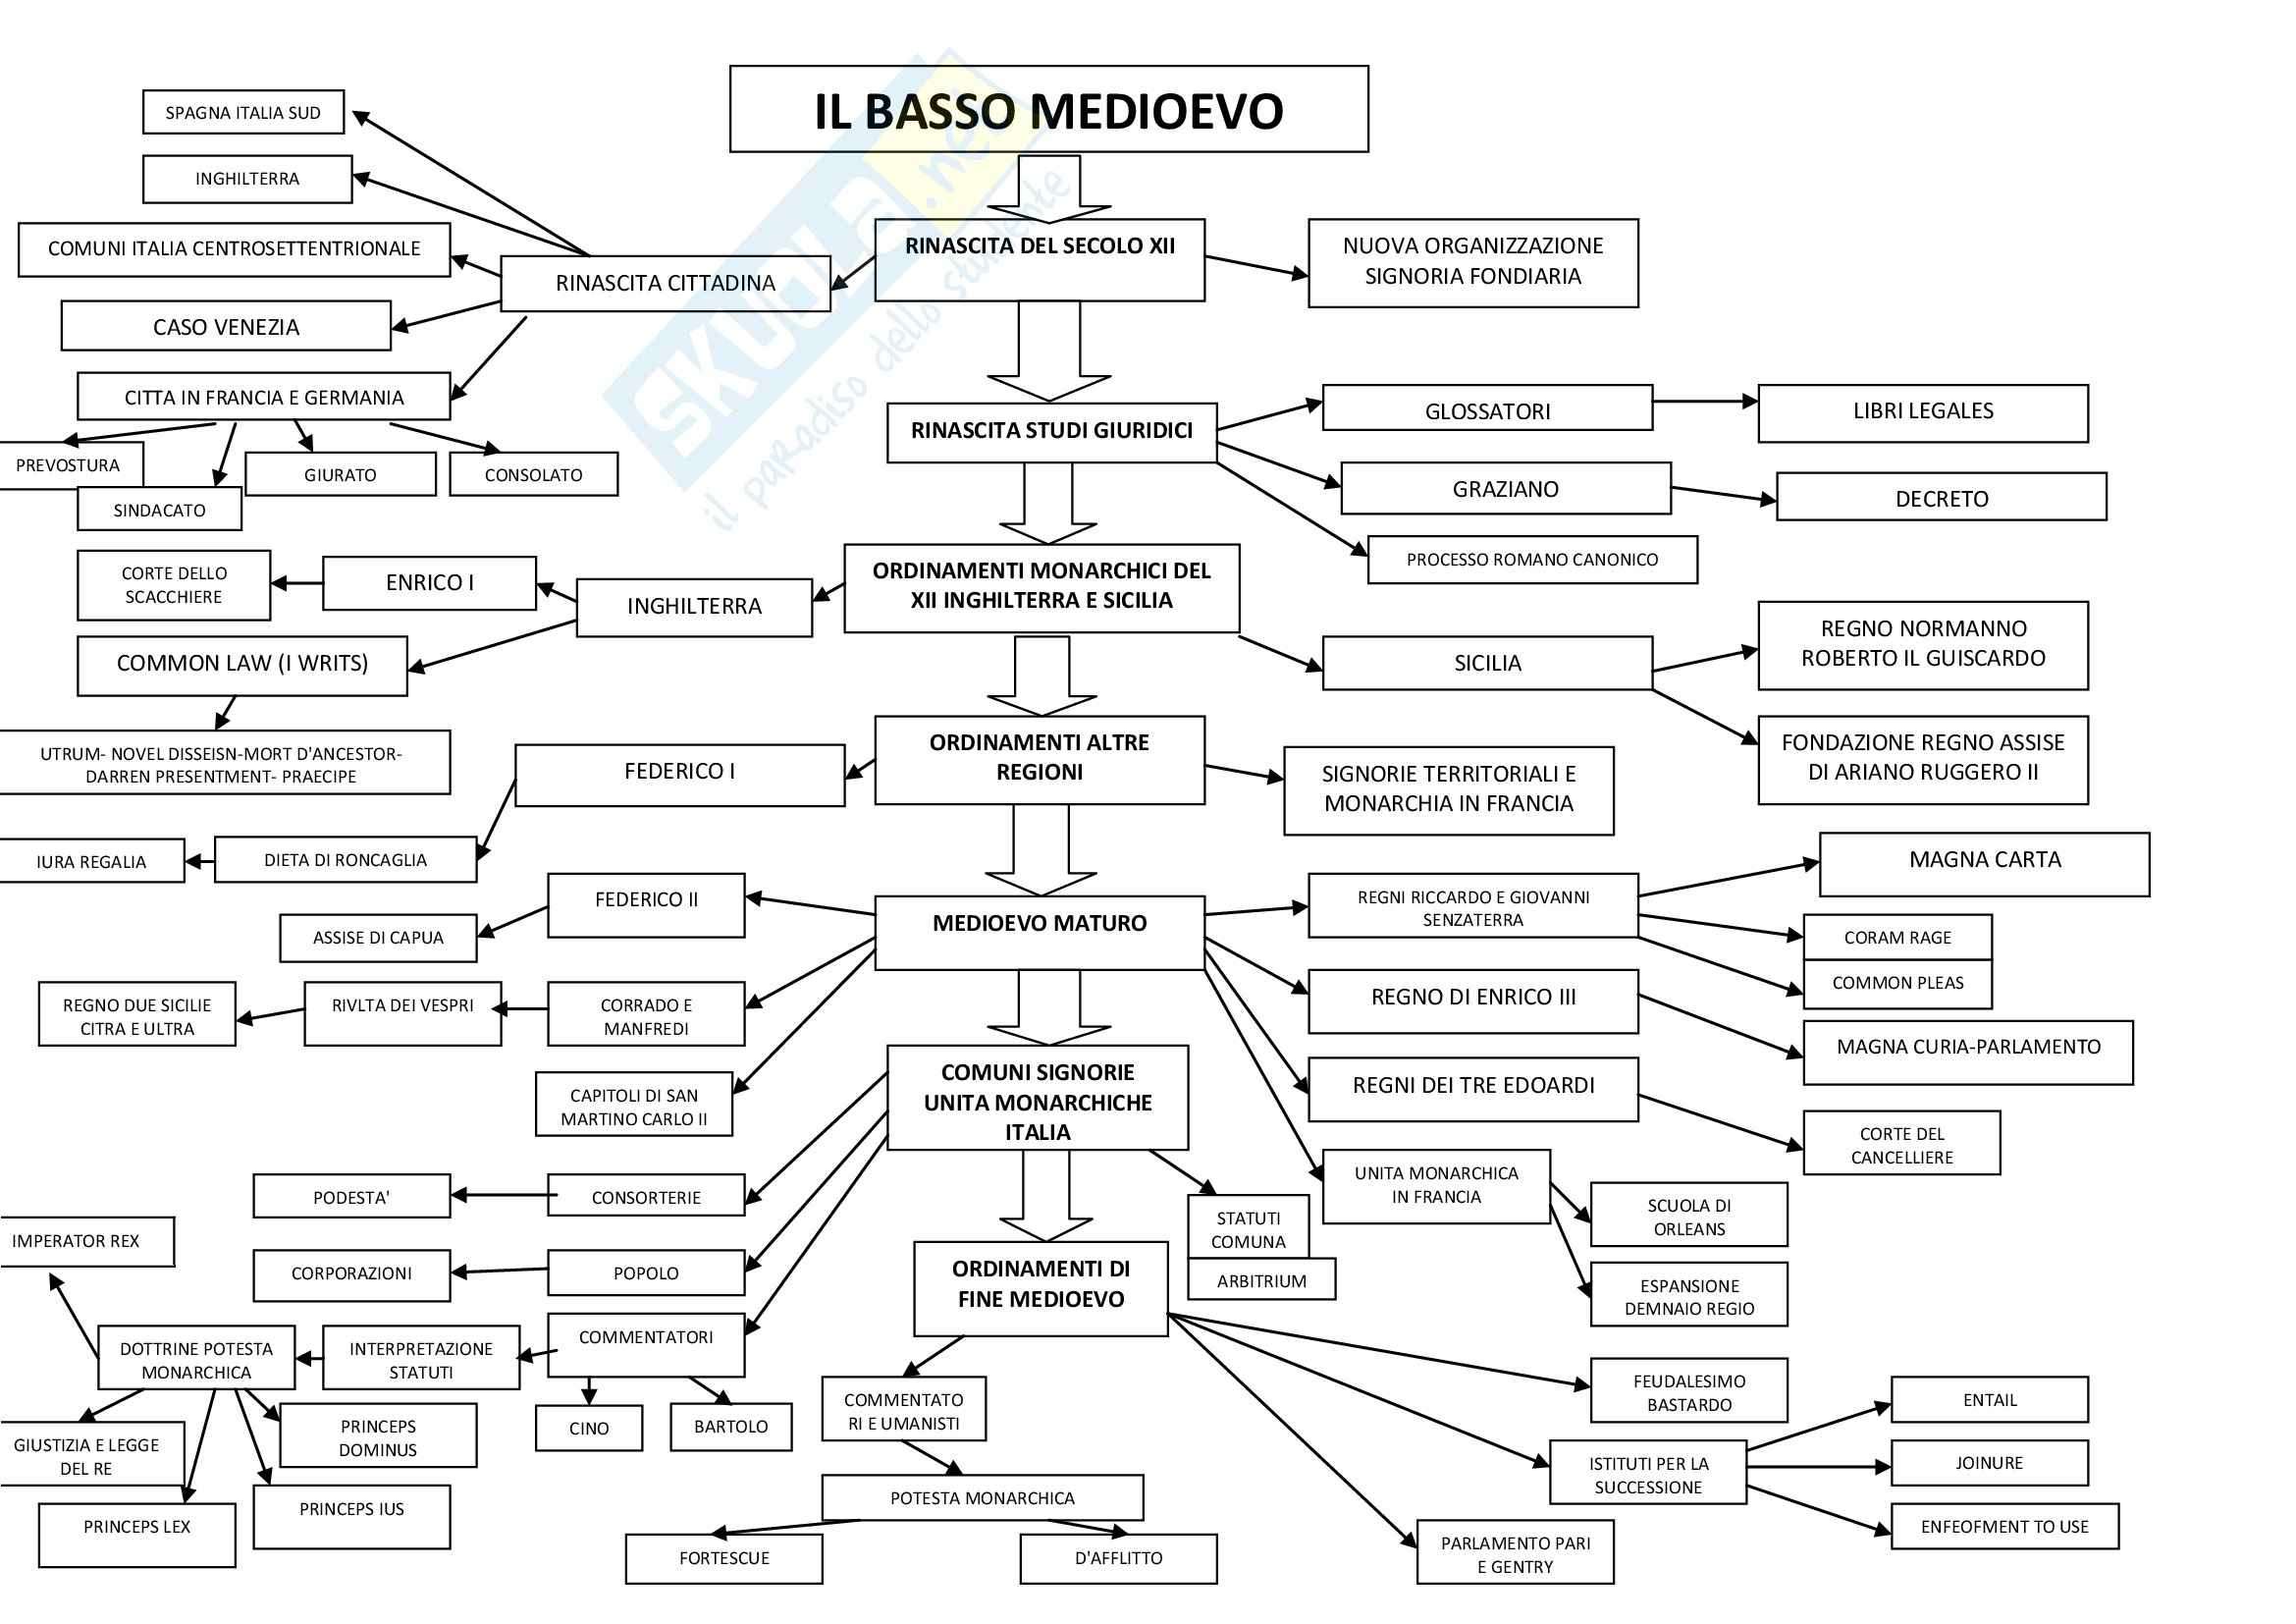 Storia del diritto italiano - la mappa dell'Alto e del Basso Medioevo